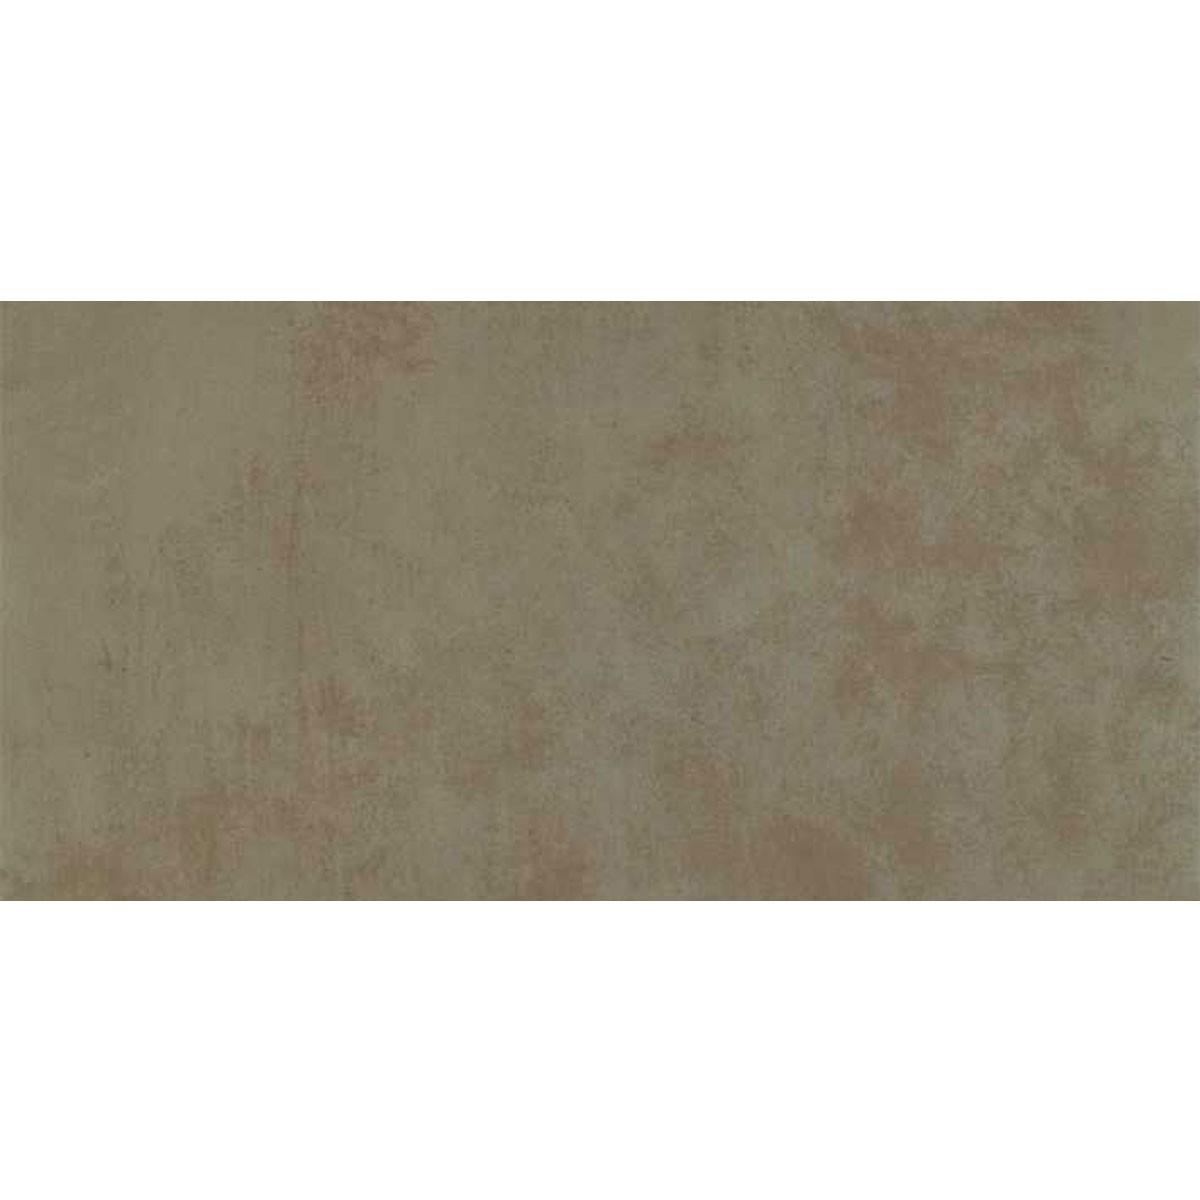 24 x 12 po Carreau de Sol Brun - 8 Pcs/Boîte (15.50 sq.ft/Boîte) (UR60D)